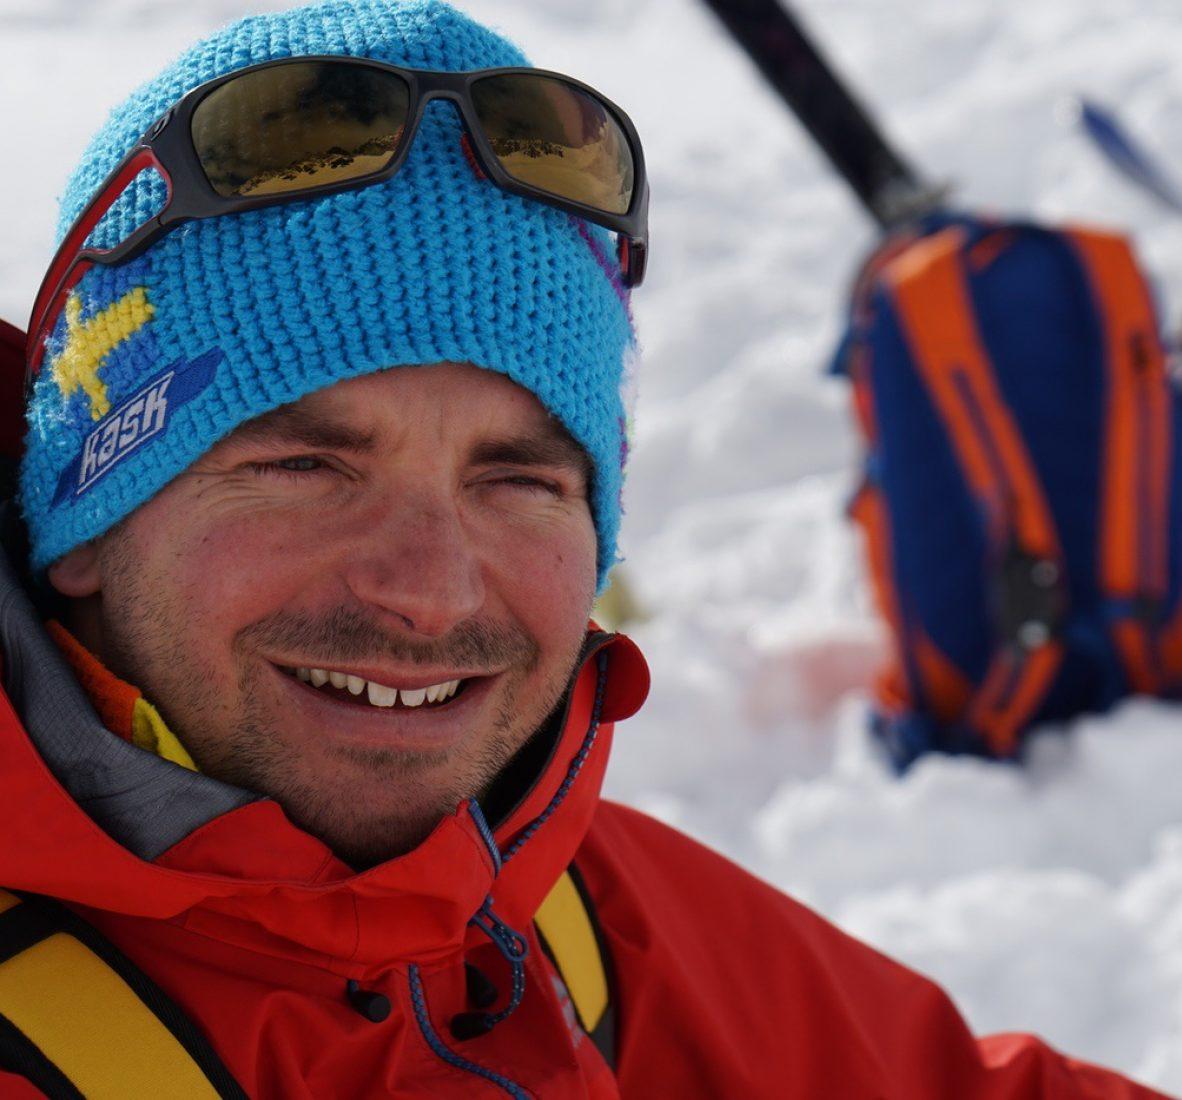 Philipp Dahlmann arbeitet als Notfallsanitäter und Praxisanleiter. Er ist ernsthafter Segler und engagierter Allroundbergsteiger.